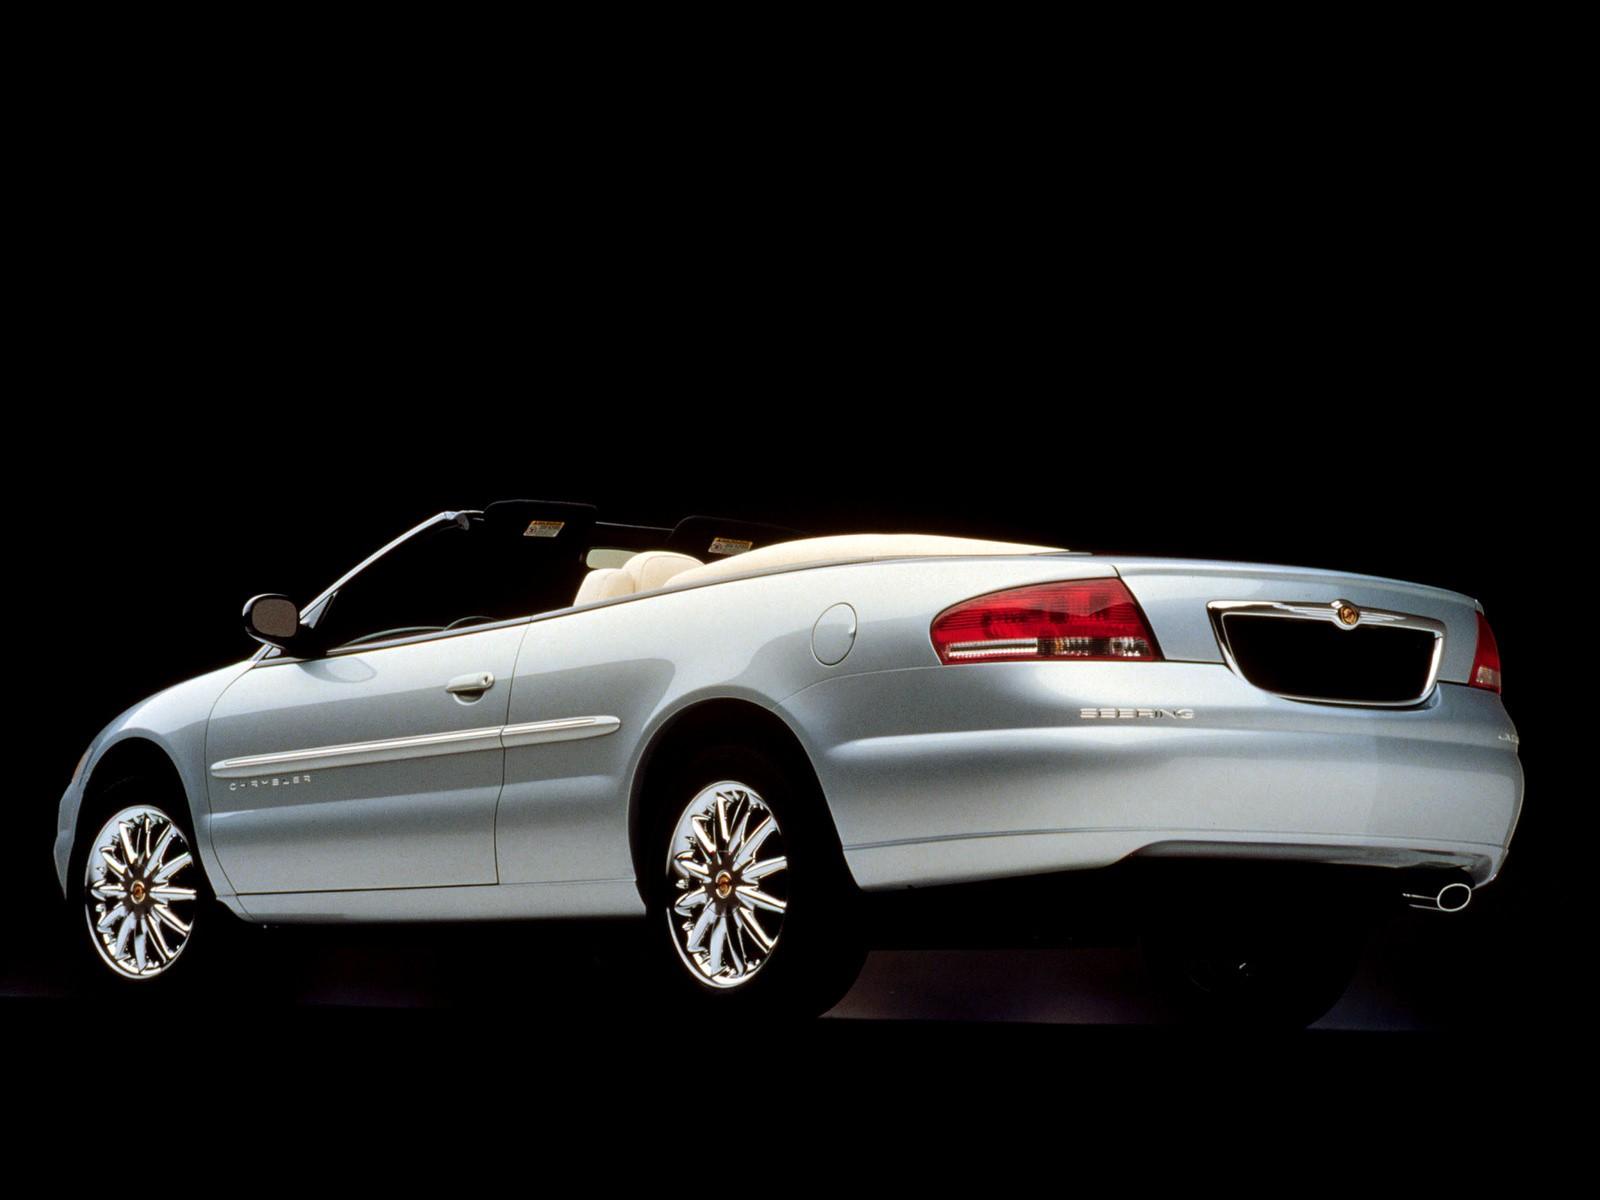 Chrysler Sebring Convertible on 2002 Chrysler Pt Cruiser